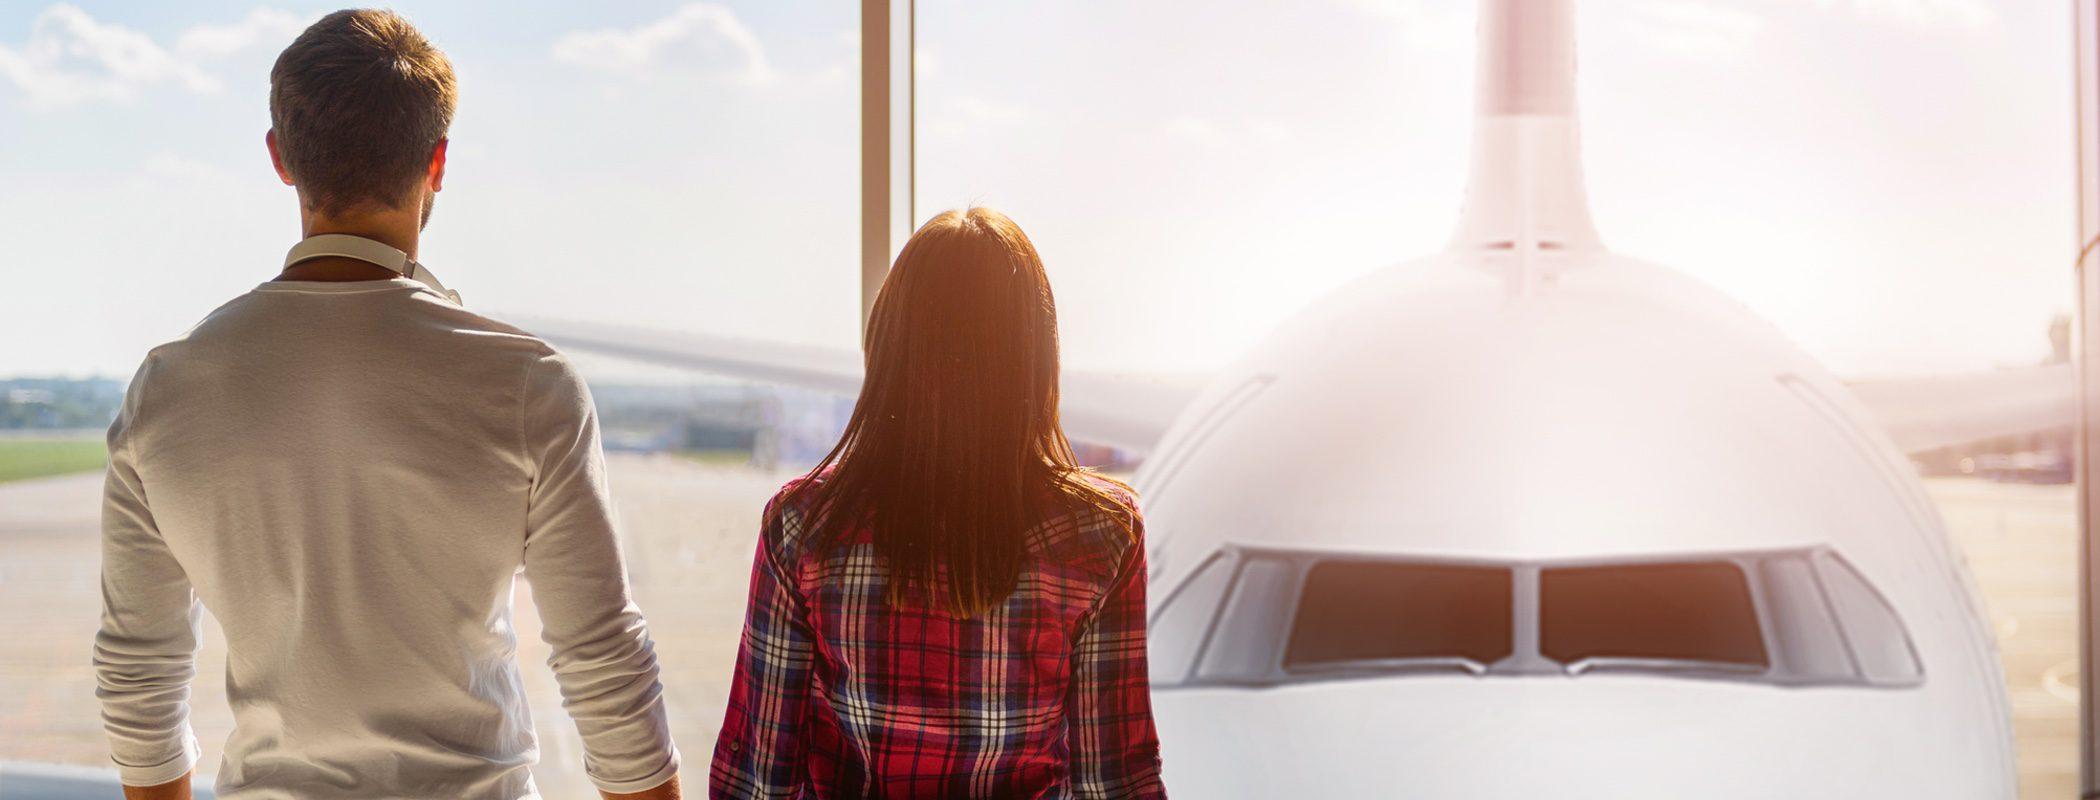 Sexo en el avión, una fantasía sexual que te puede salir muy cara